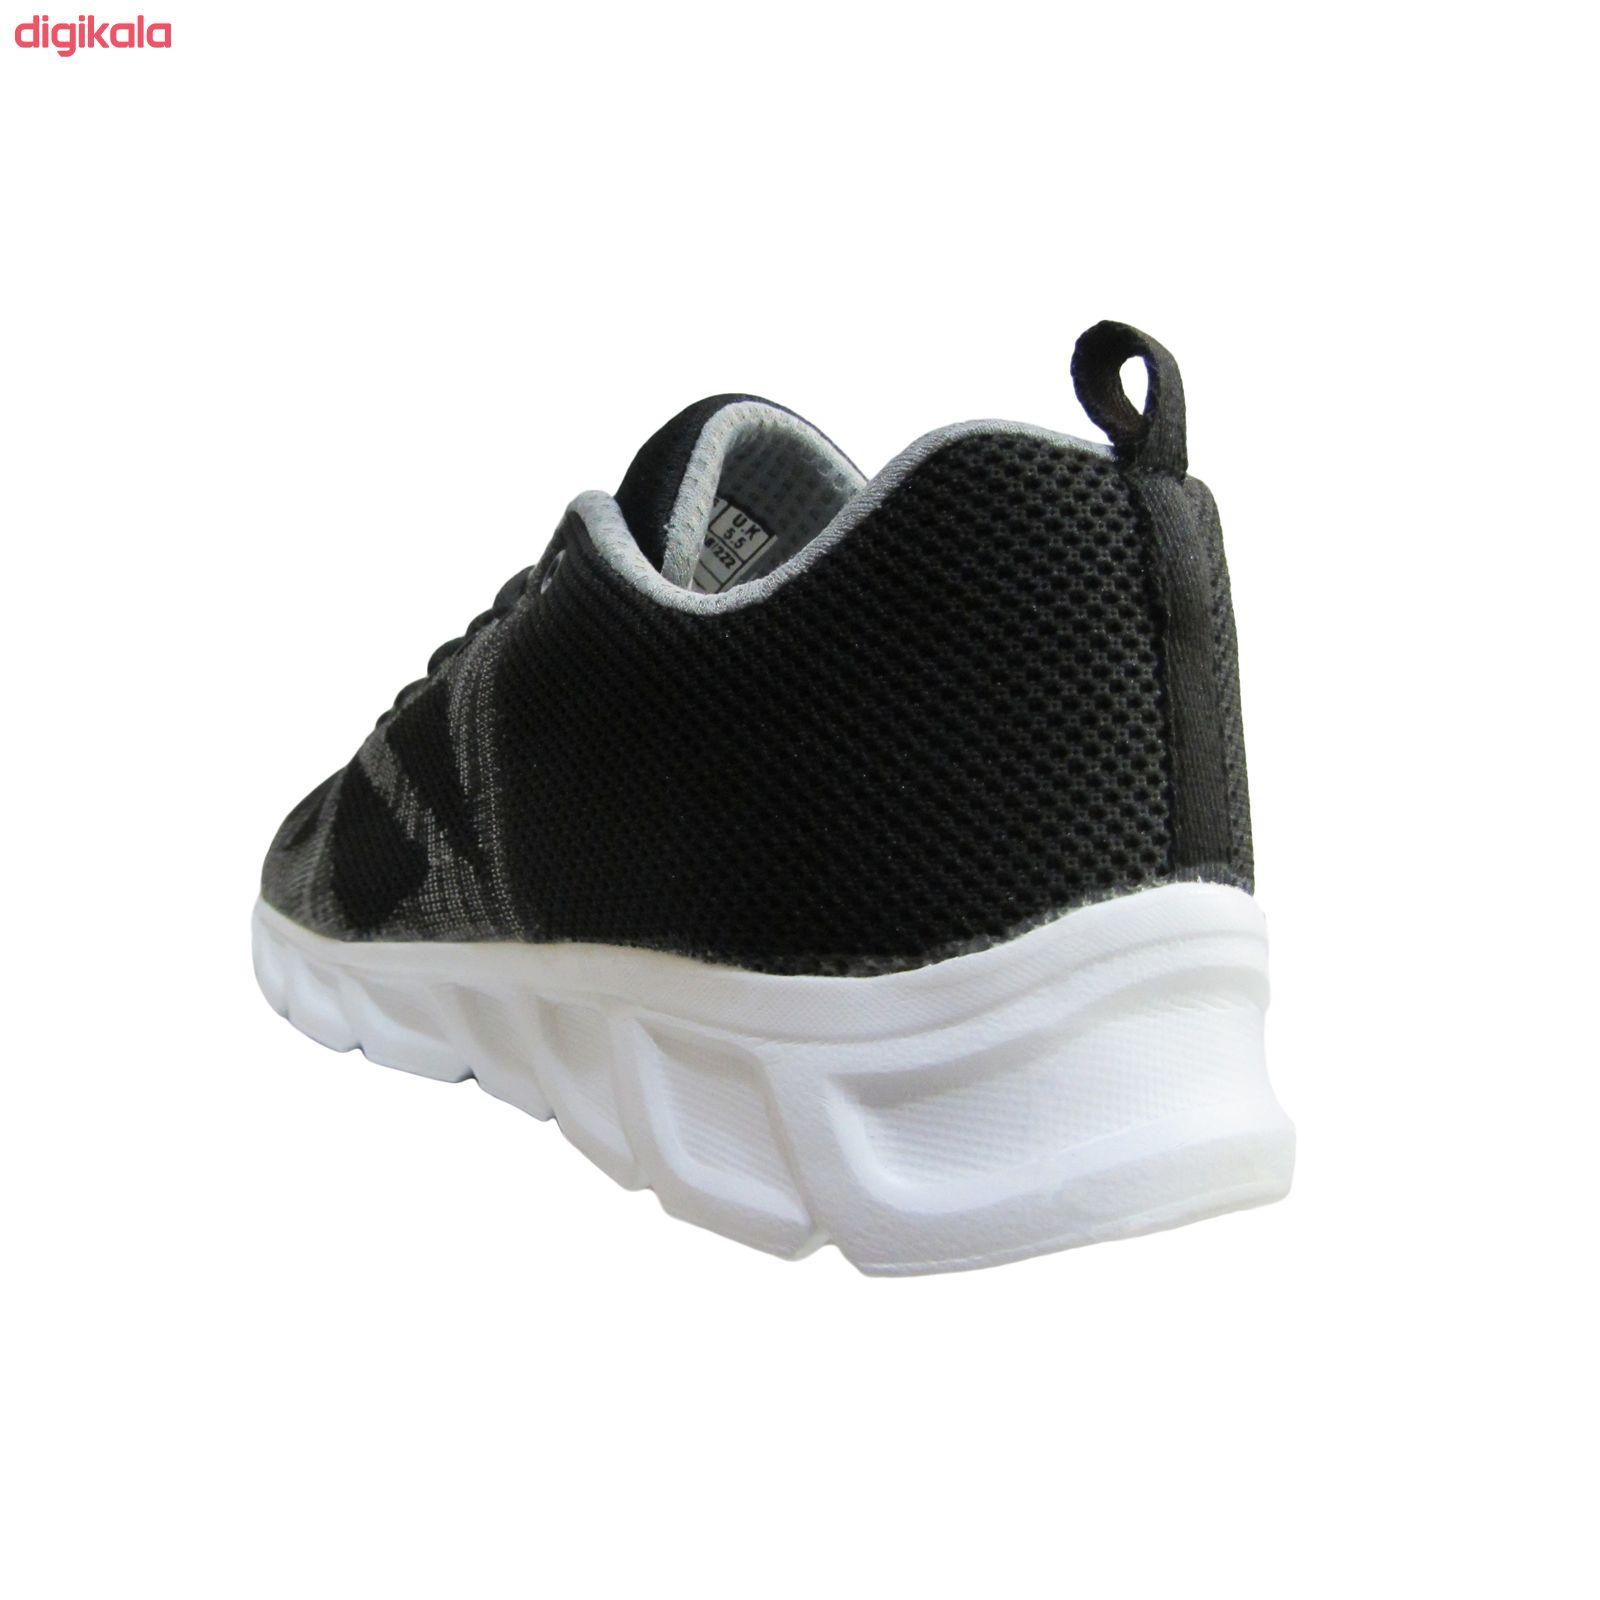 کفش مخصوص پیاده روی زنانه آلبرتینی مدل ستیا کد 02 main 1 4